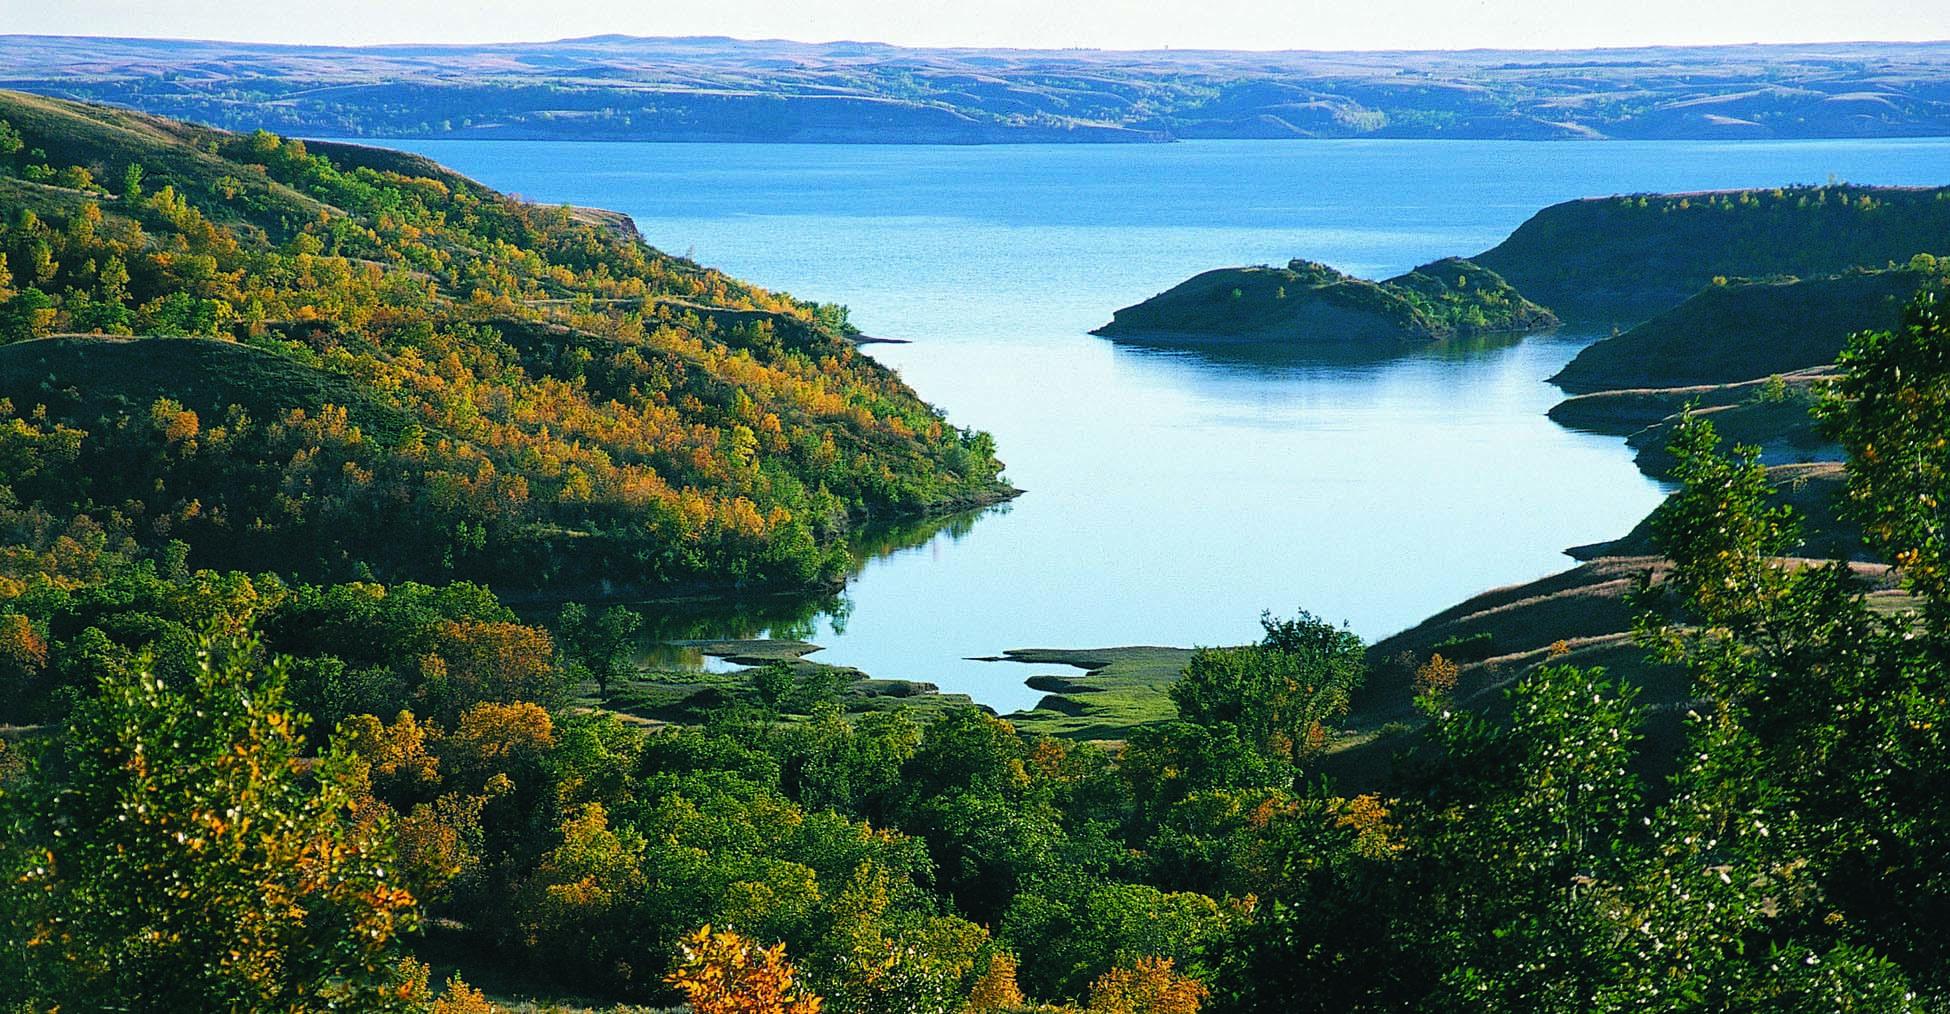 Section 6 missouri plateau north dakota studies for Lake sakakawea fishing